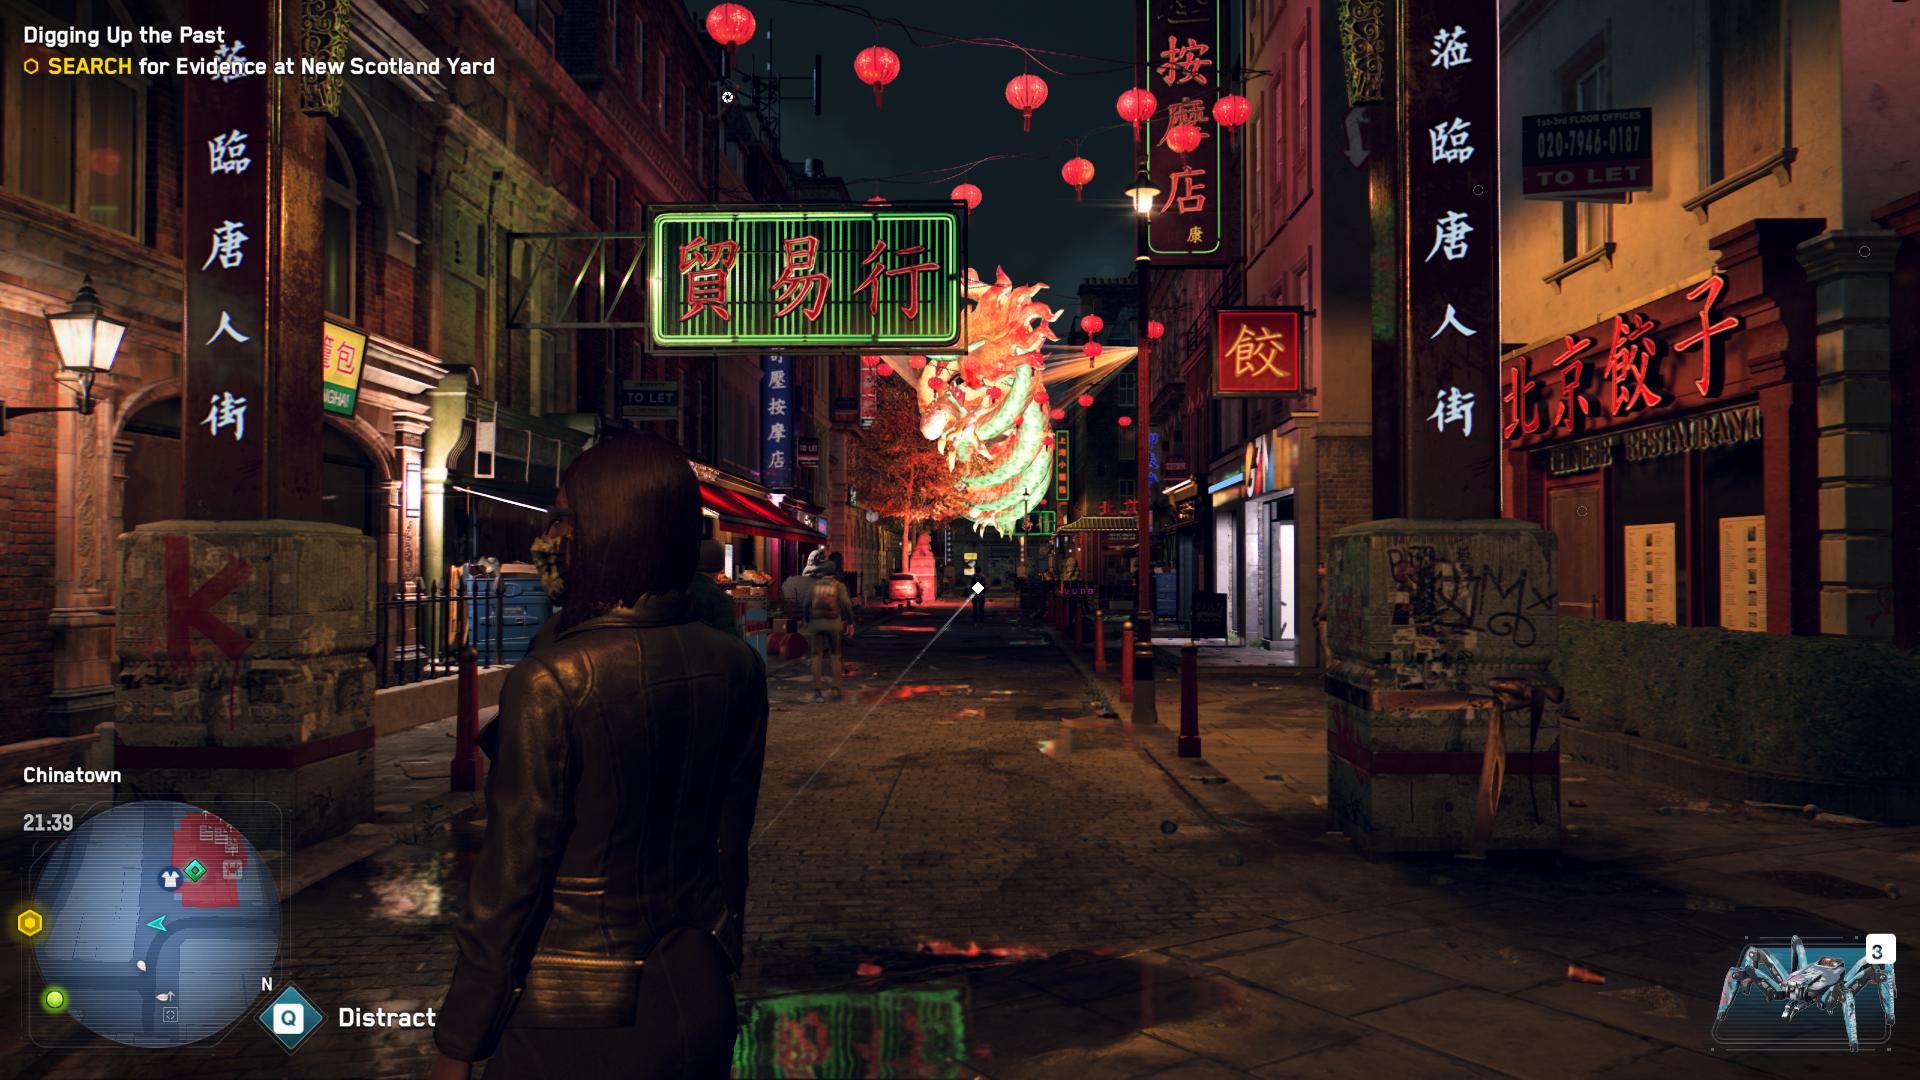 Watch Dogs Legion Chinatown